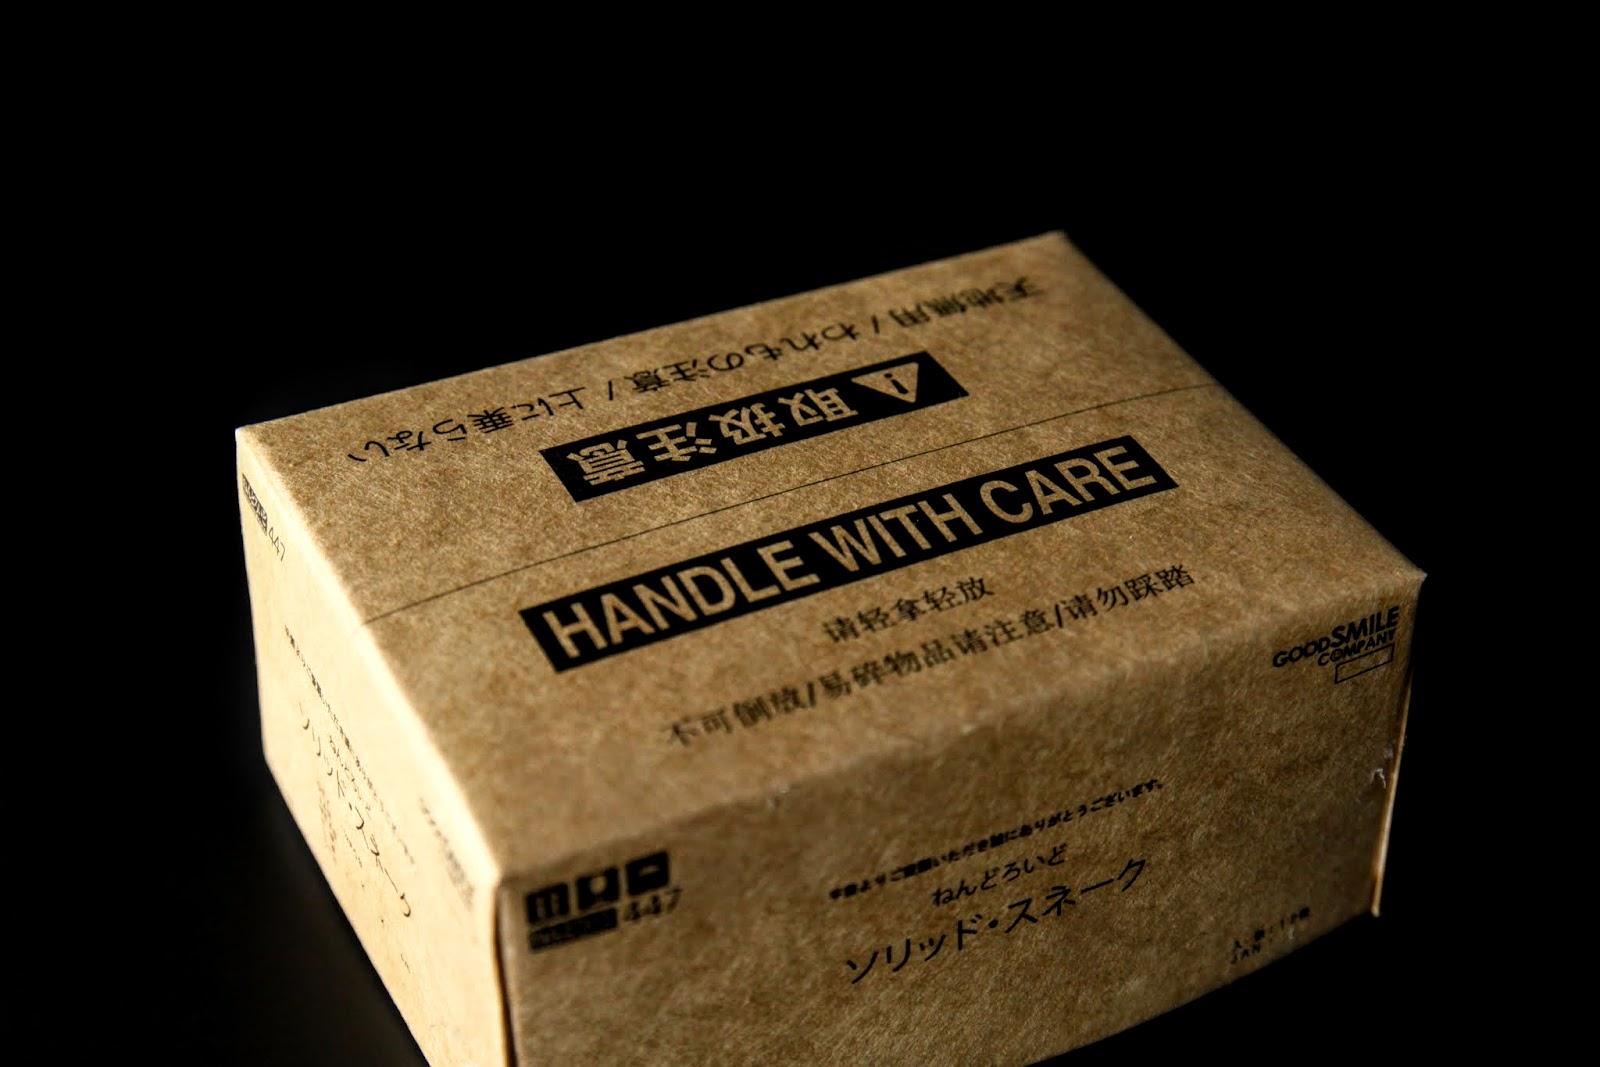 掌握了紙箱奧義,遊戲無往不利! 上面有簡中,何時會有正體中文?